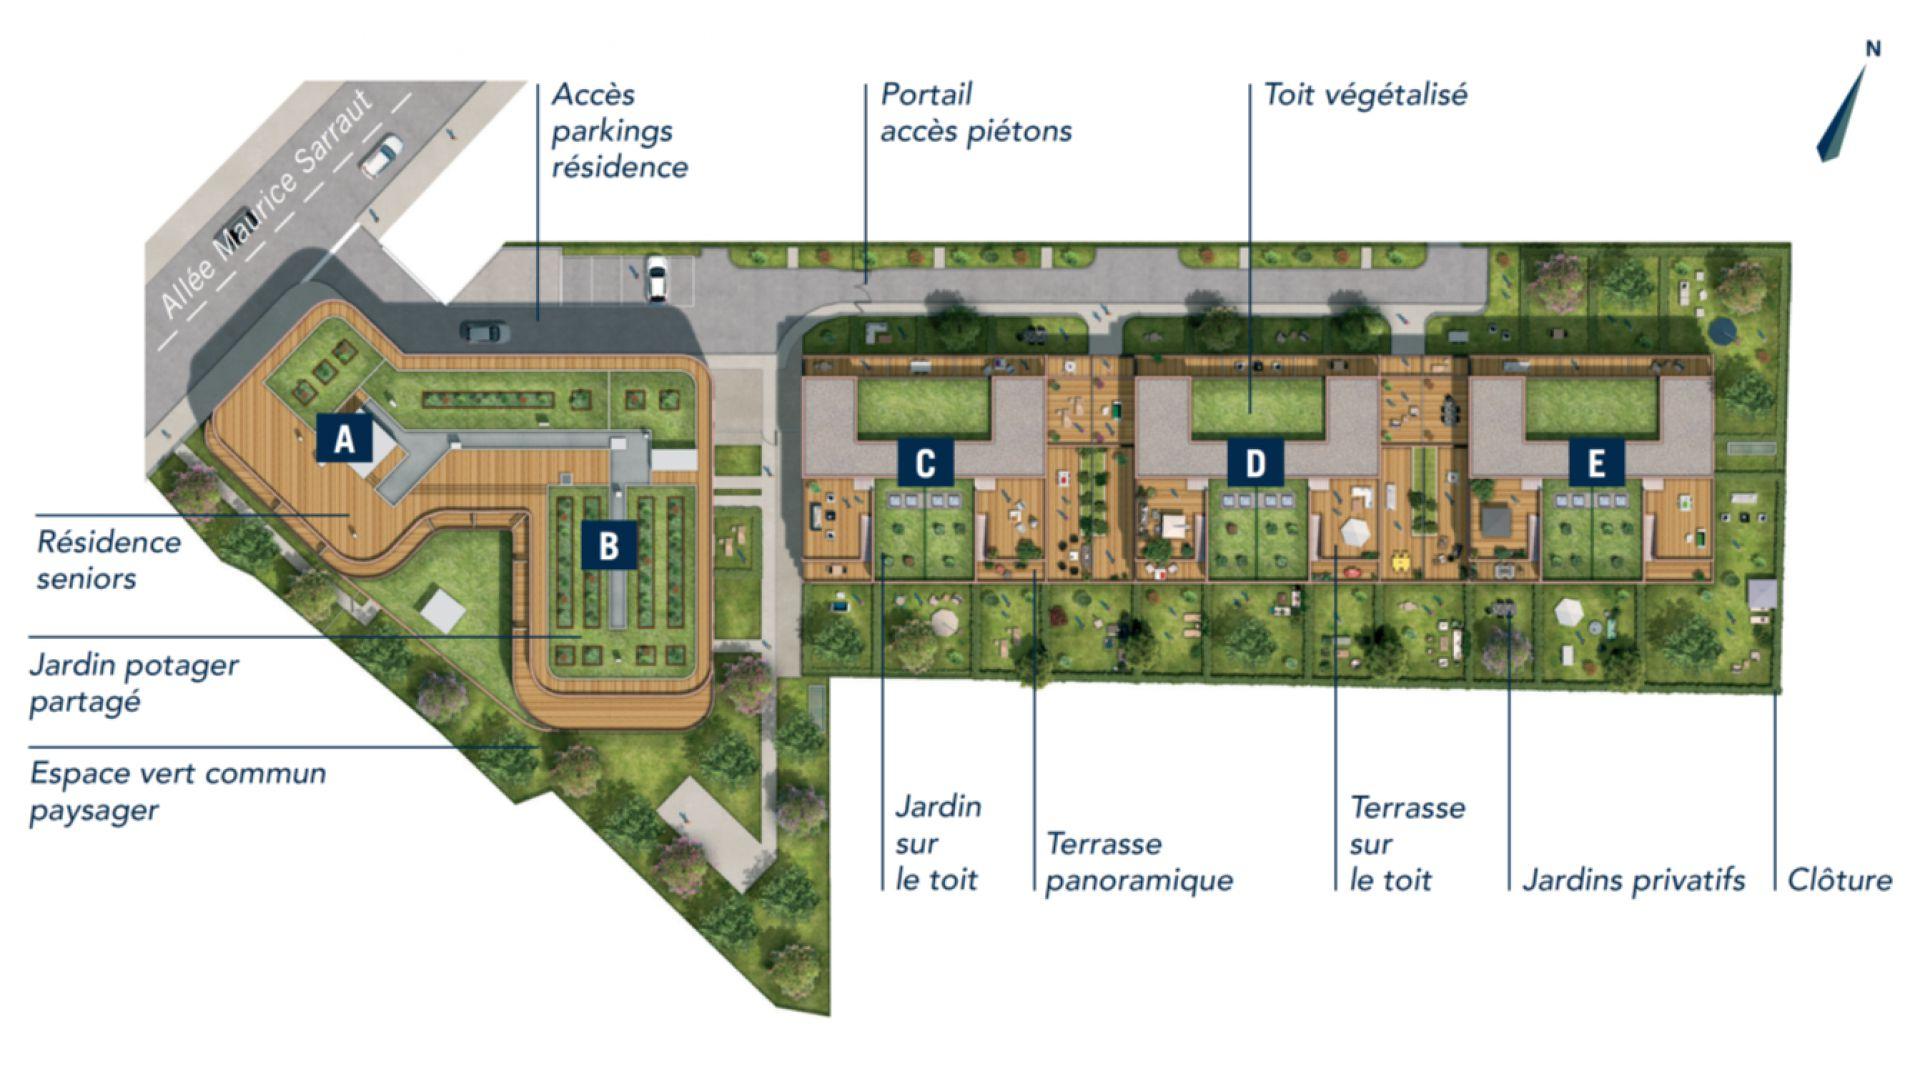 GreenCity immobilier - Toulouse quartier Saint-Cyprien 31300 - Patte D'Oie - allée Maurice sarraut - appartements neufs du T2 au T4 - plan de masse